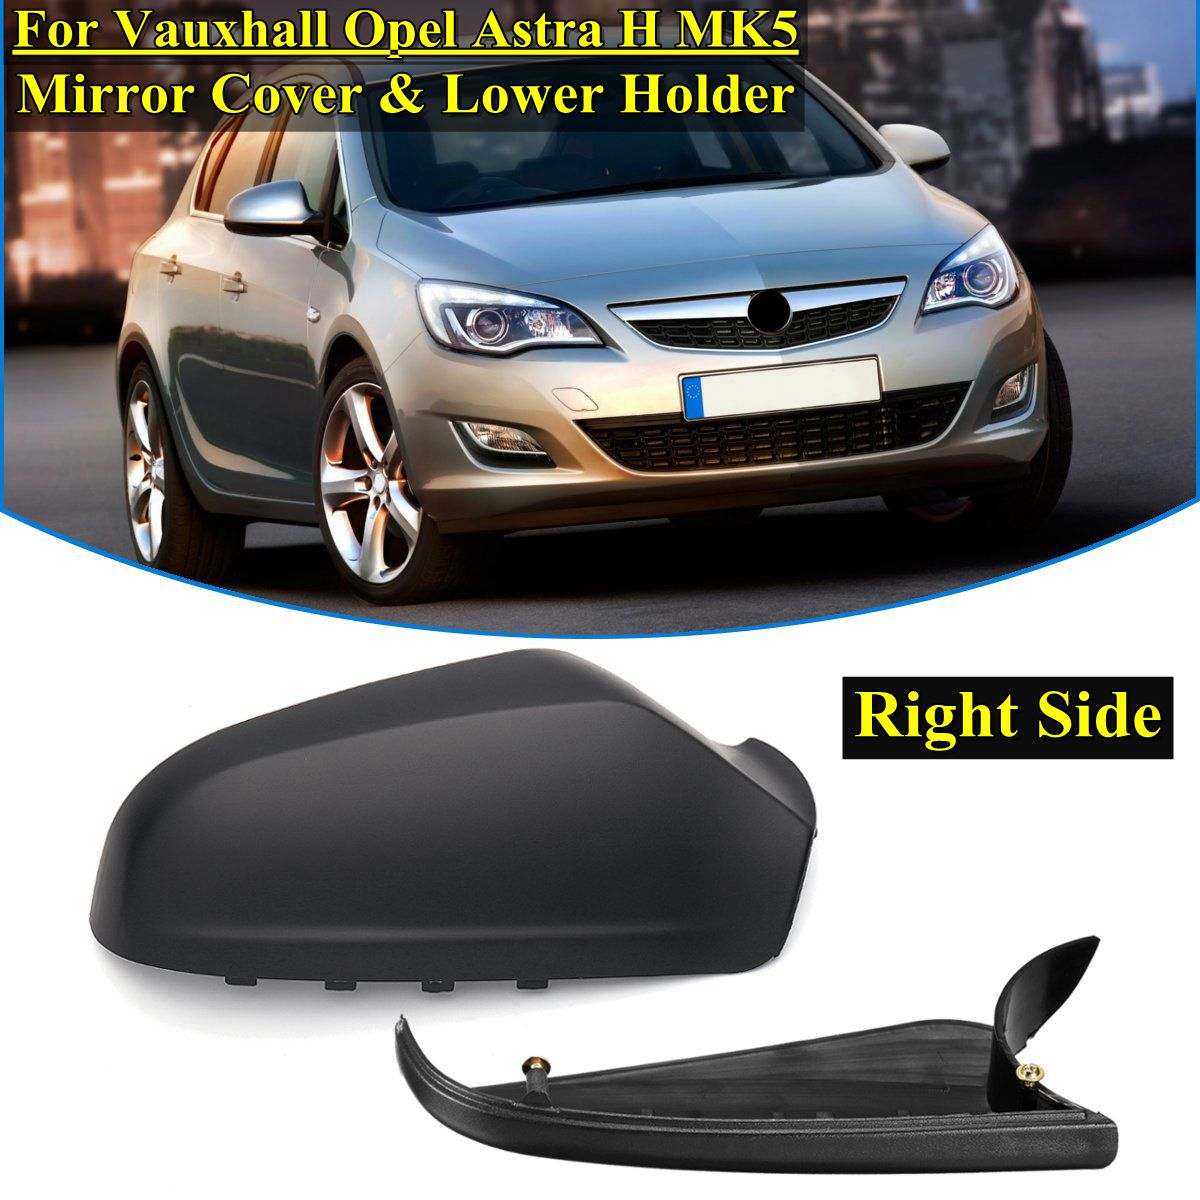 Rationeel 1 Set Links Of Rechts Voor Vauxhall Opel Astra H Mk5 2004 05-2009 Wing Spiegel Cover + Bottom Cover Rechterkant Lagere Houder